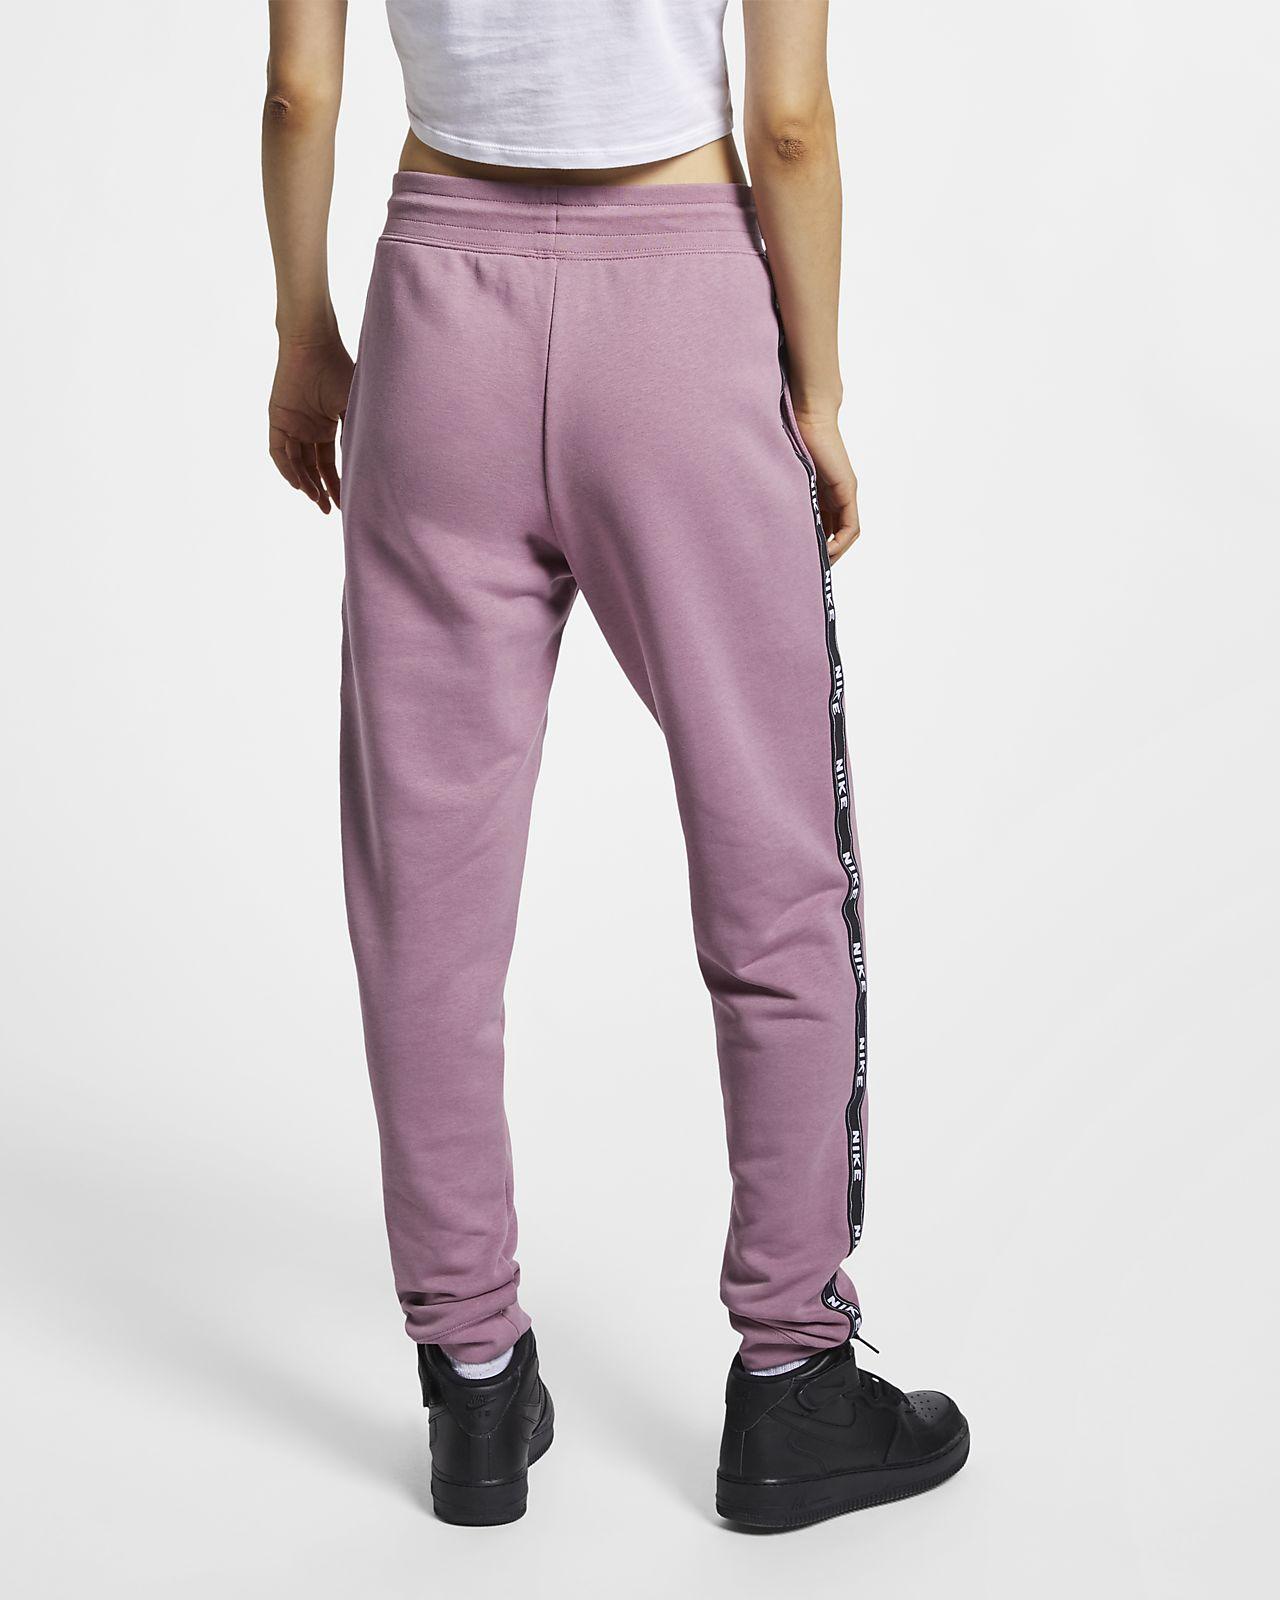 fe756b6c5d64 Low Resolution Nike Sportswear Logo Trousers Nike Sportswear Logo Trousers